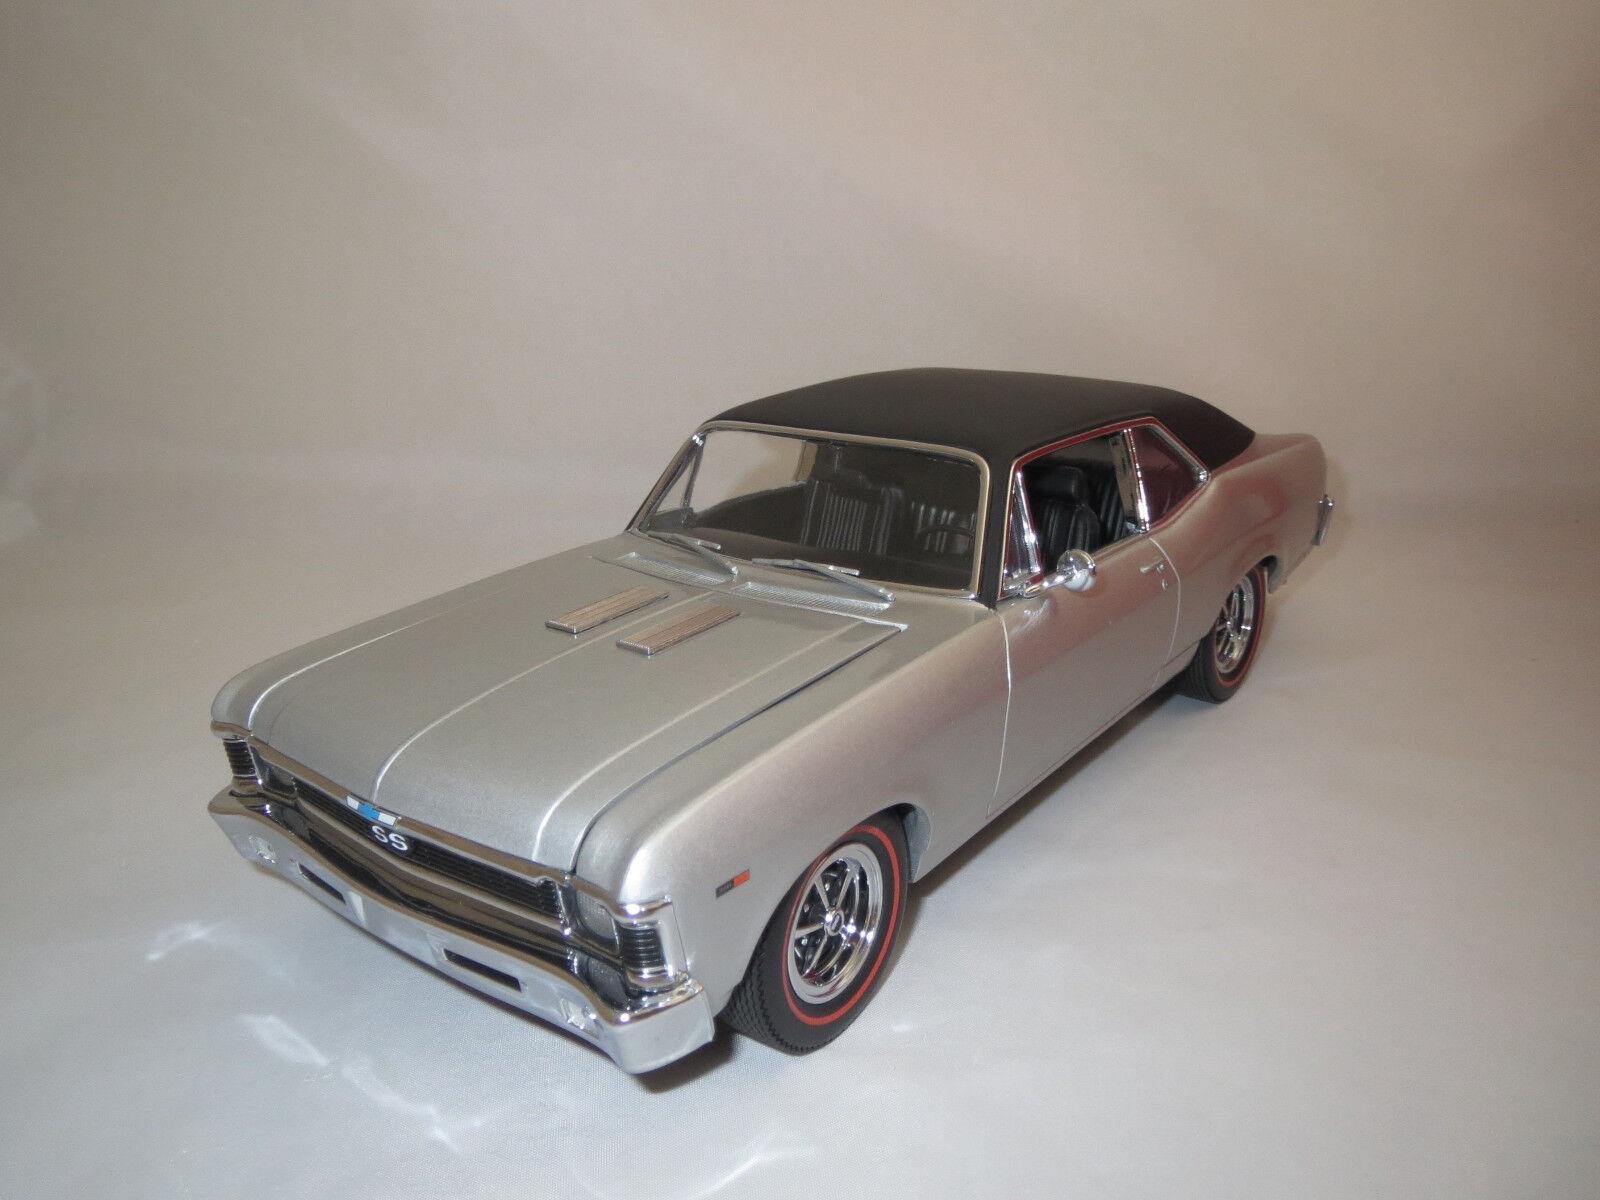 GMP Chevrolet Nova  1969  (argent) 1 18 sans emballage